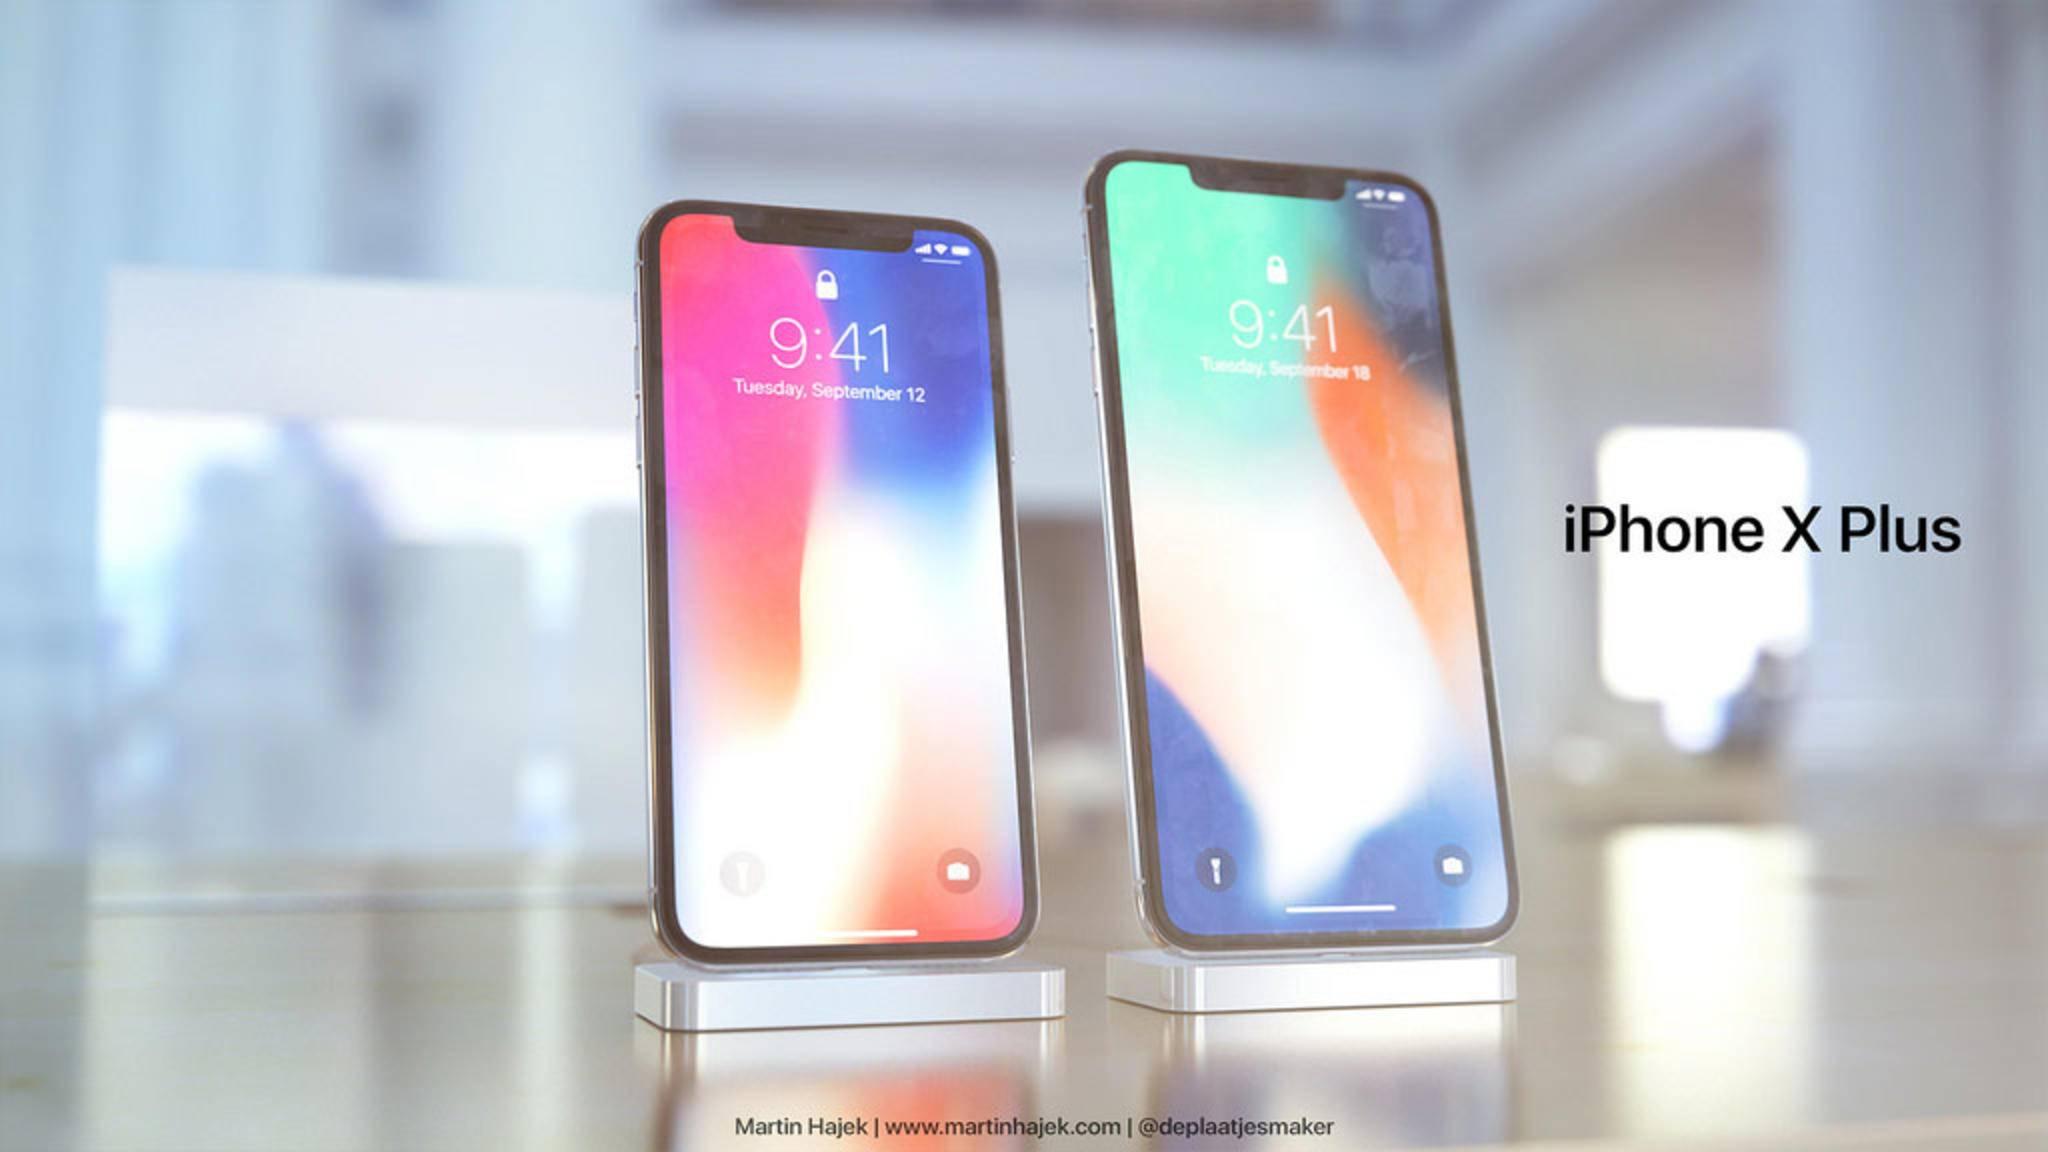 Obwohl zwei von drei neuen iPhones einen OLED-Bildschirm haben dürften, benötigt Apple mehr LCD-Displays.